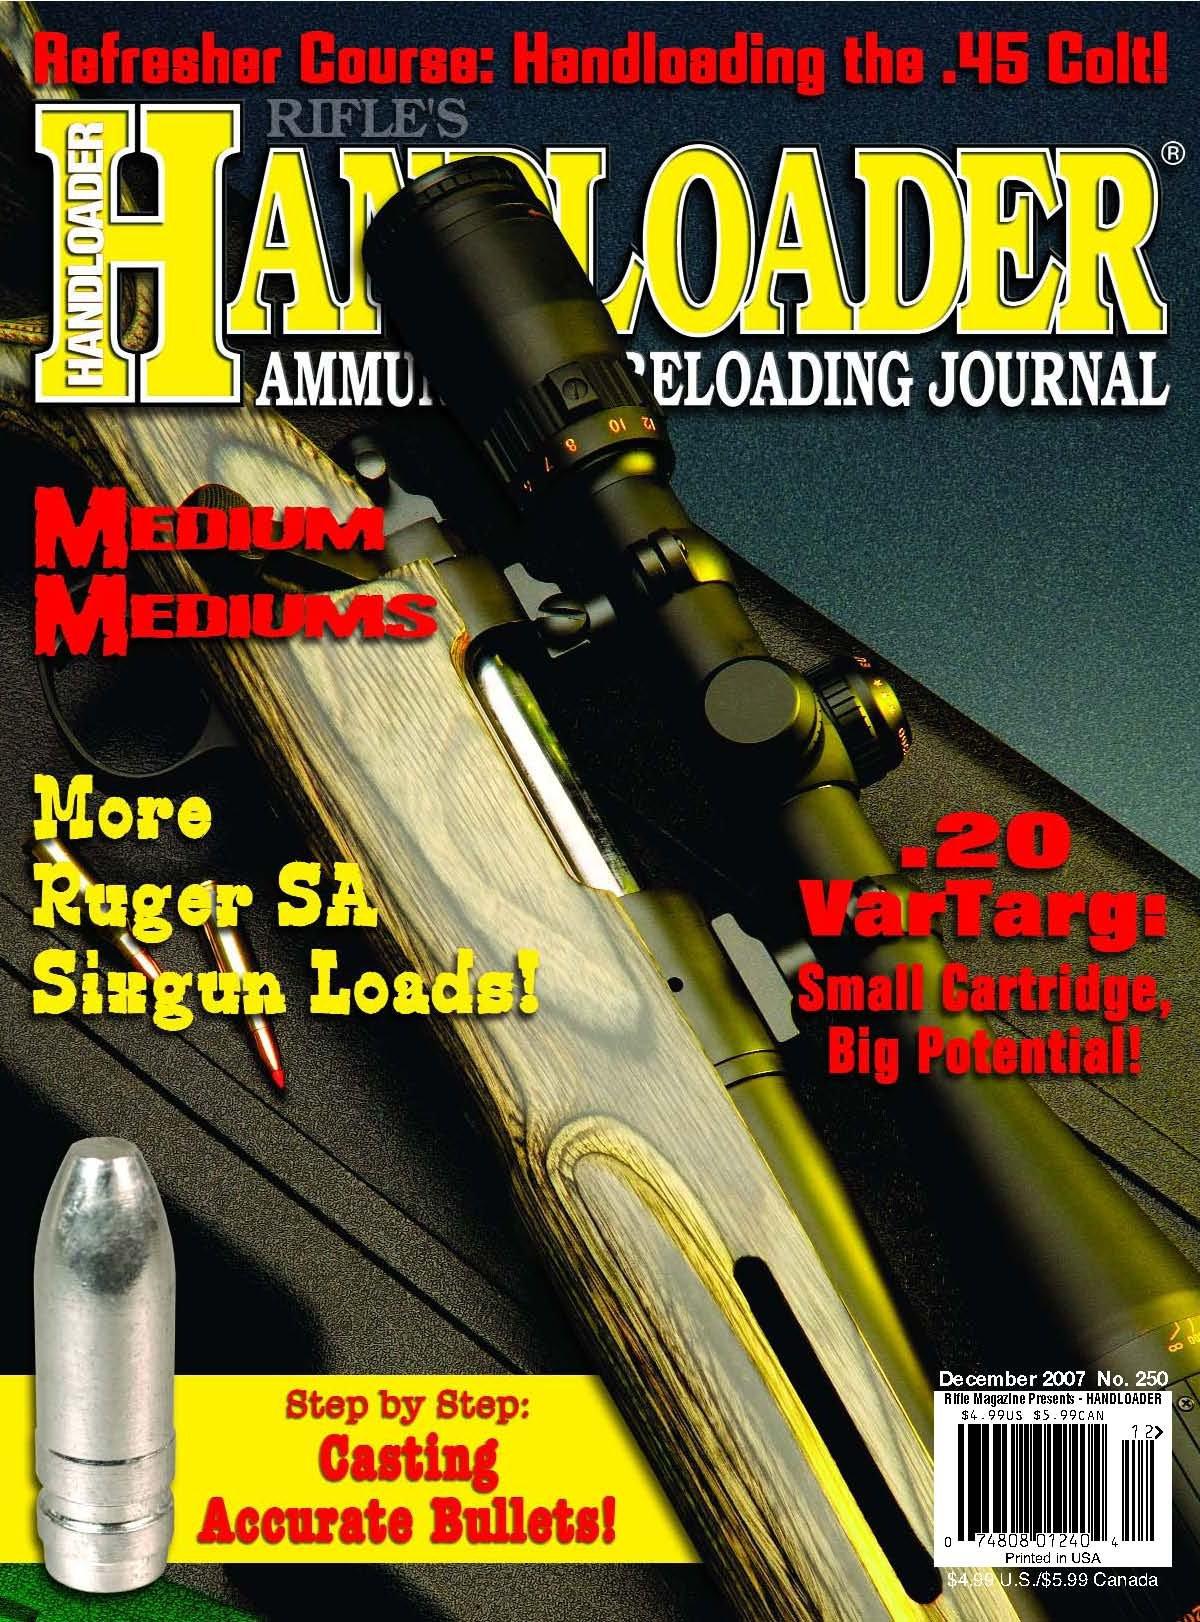 Handloader Magazine - December 2007 - Issue Number 250 ebook